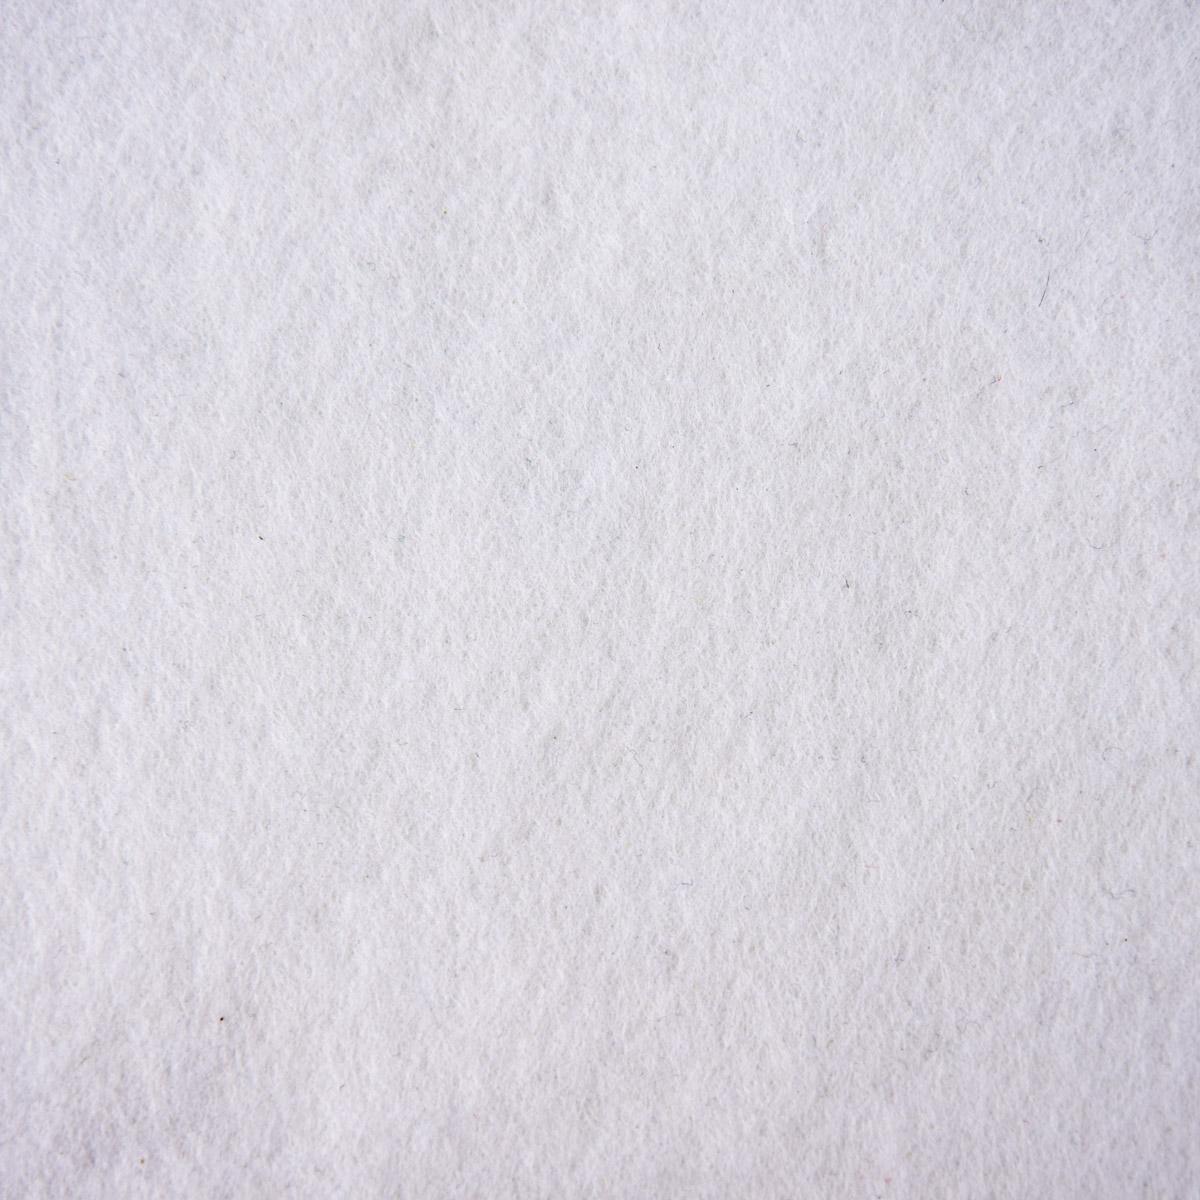 Vlieseline M12 / 312 Einlage weiß 90°C waschbar 0,90m Breite